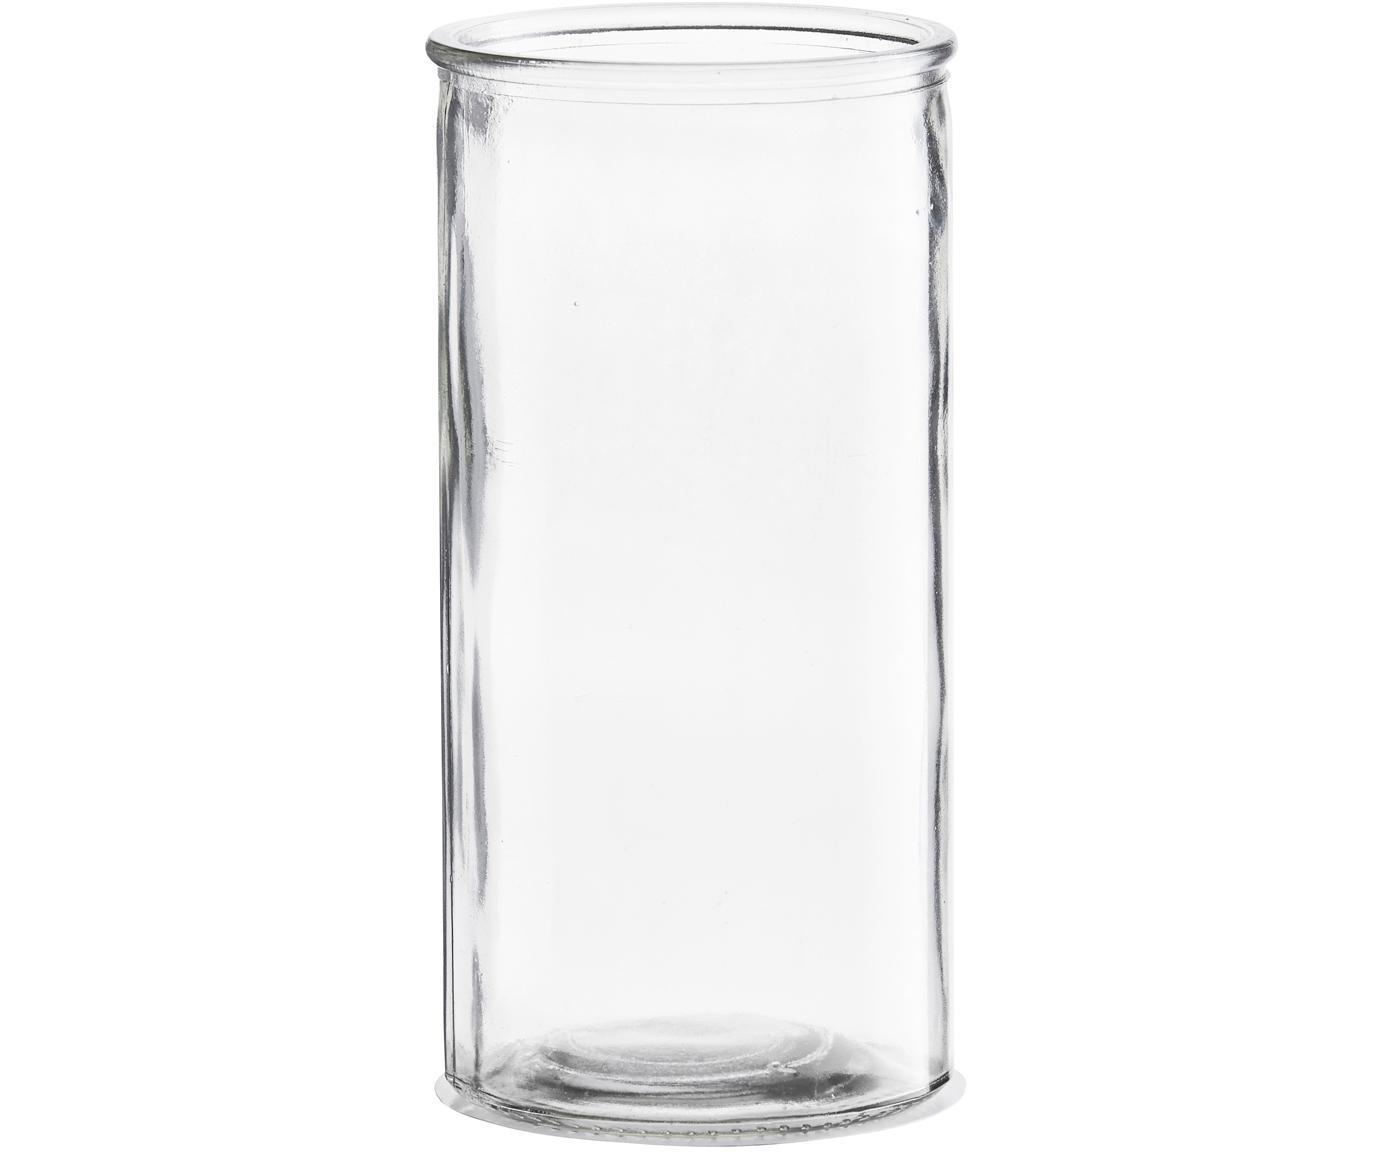 Kleine Glas-Vase Cylinder, Glas, Transparent, Ø 10 x H 20 cm